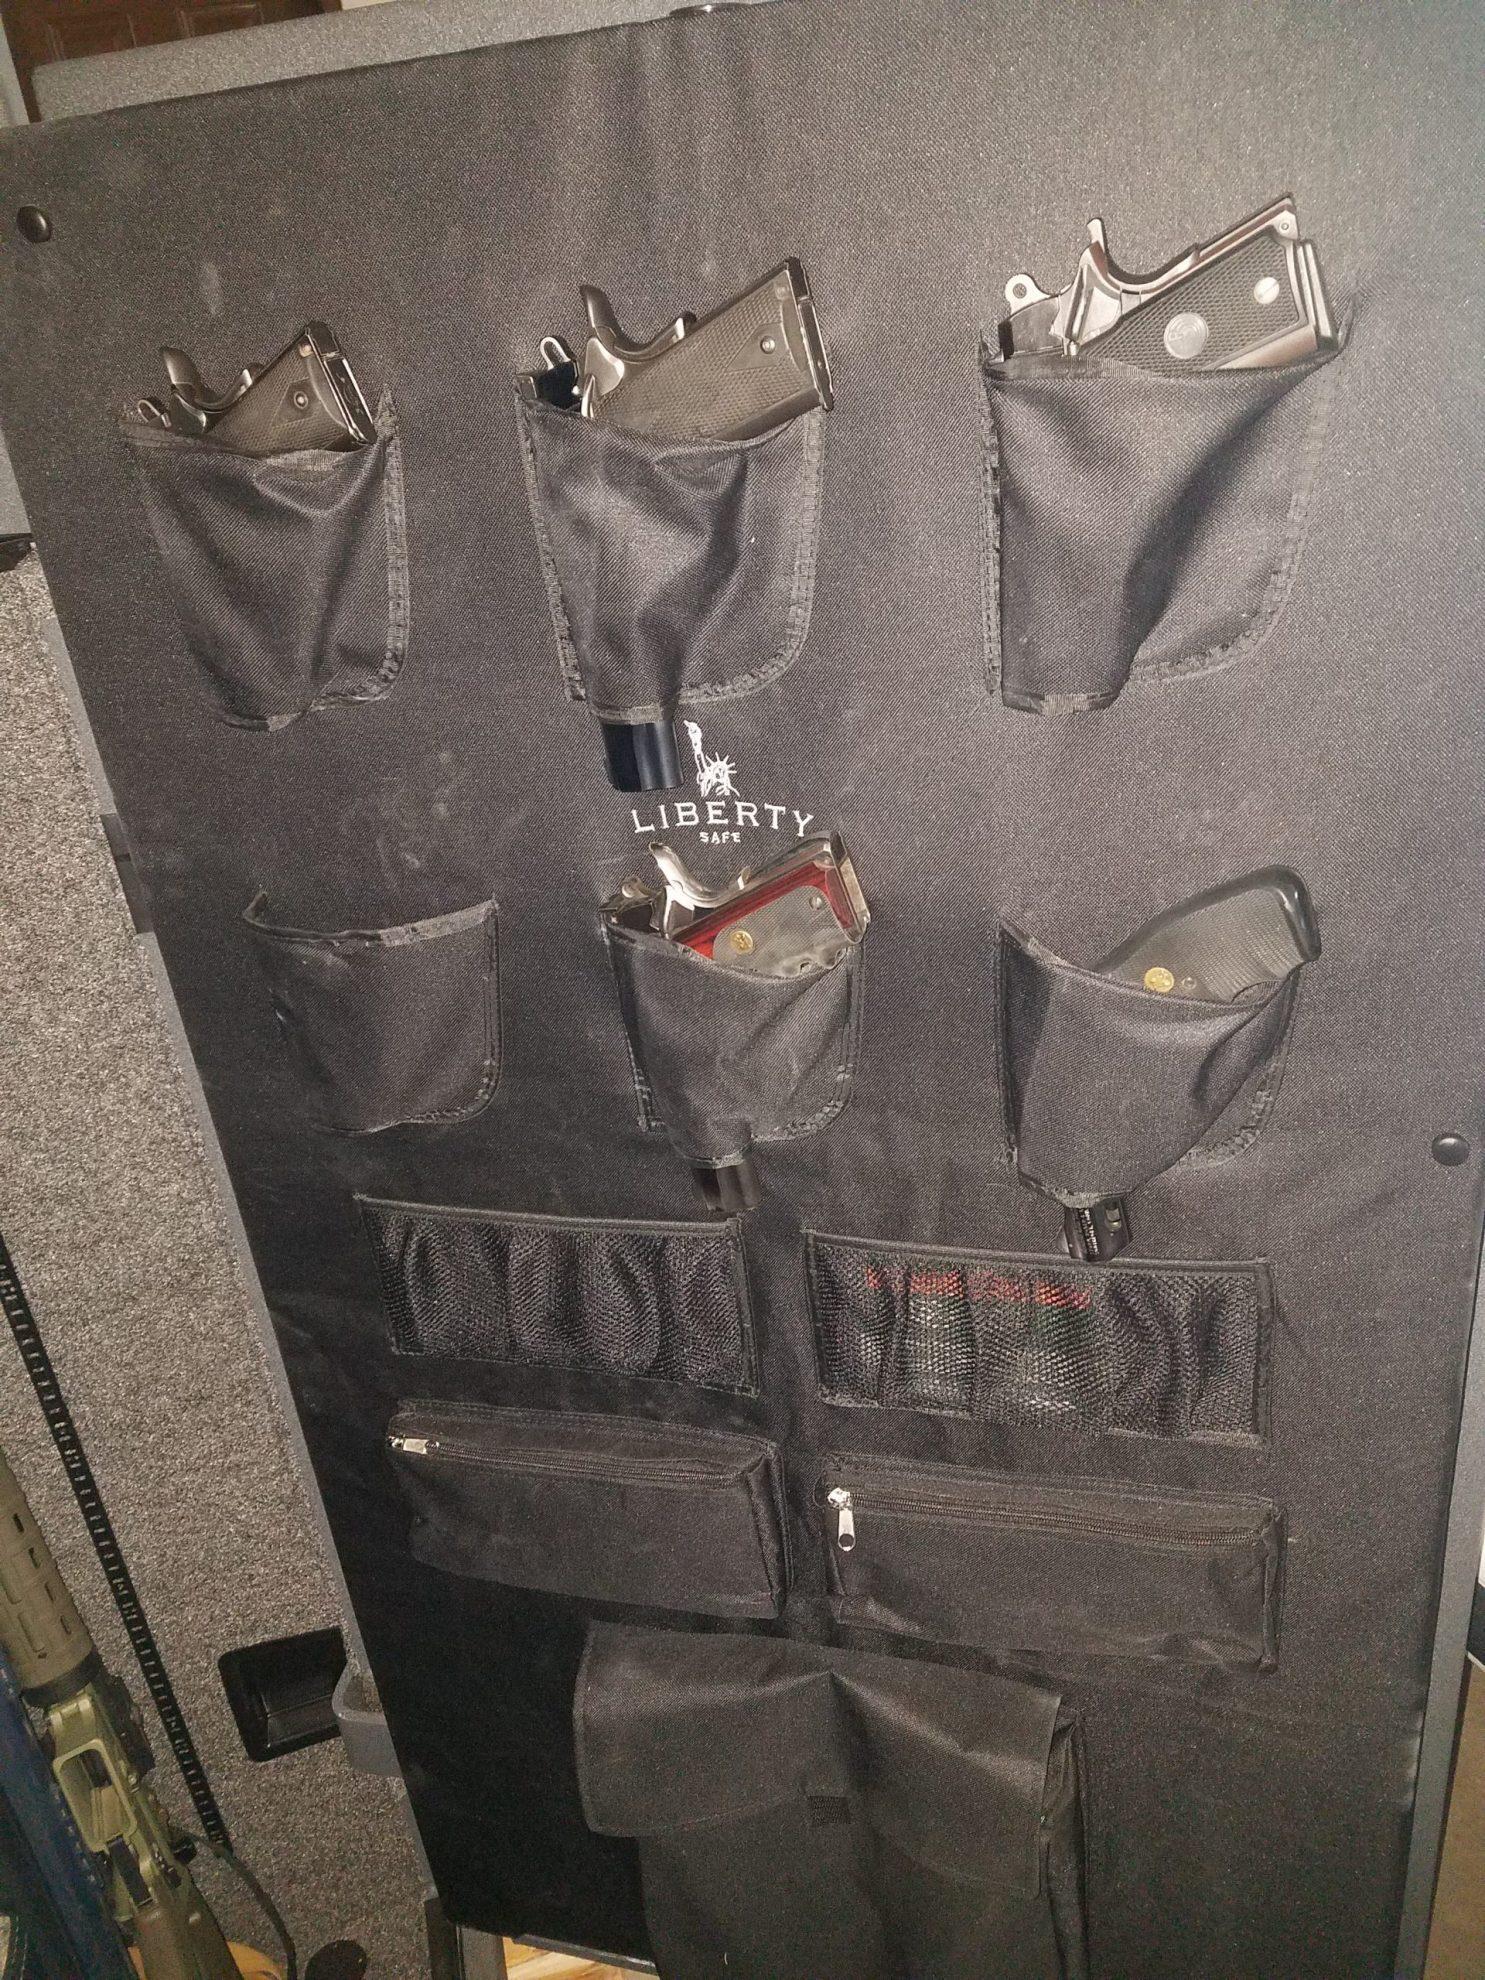 Gun Safe door open